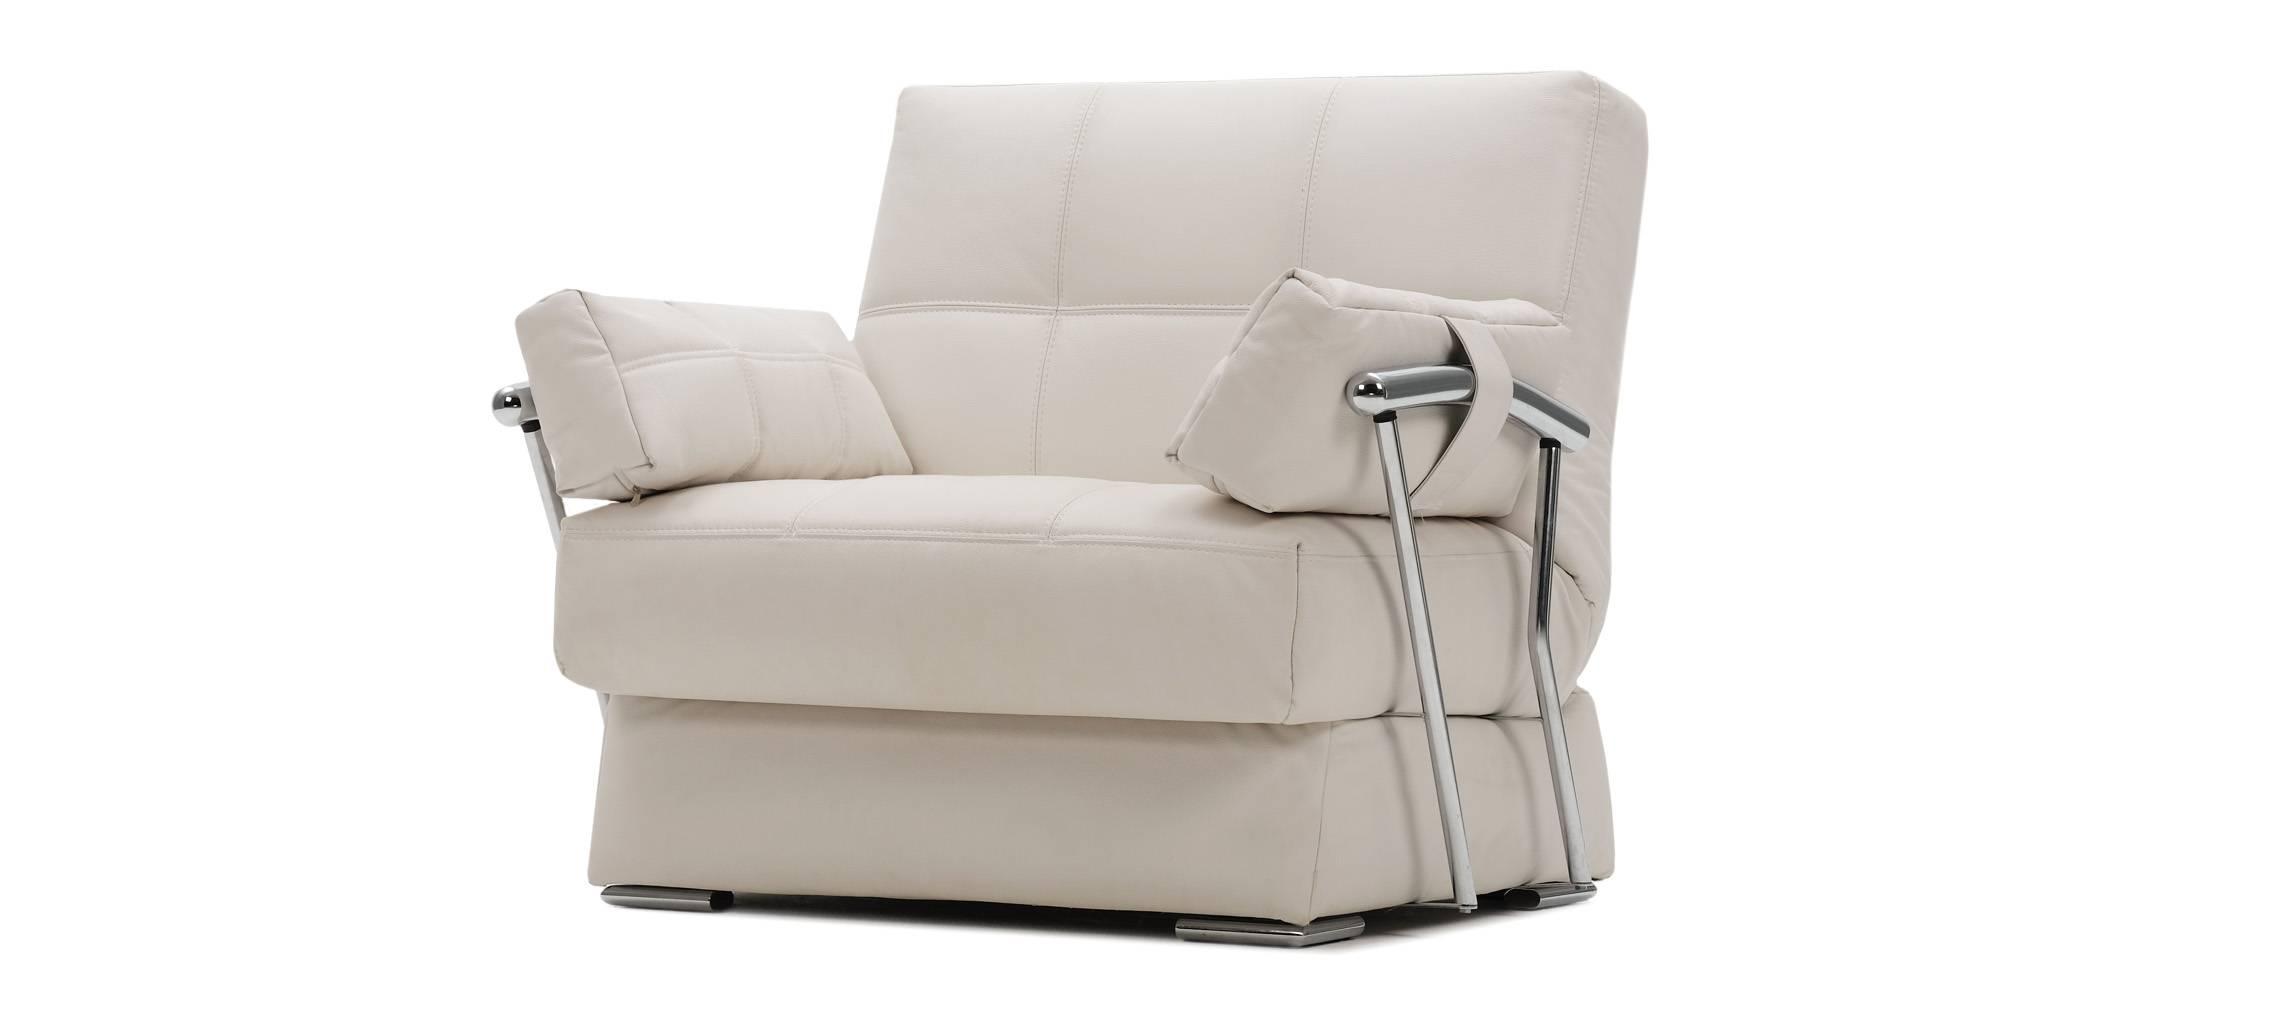 ДУДИНКА Кресло натуральная кожа California белый